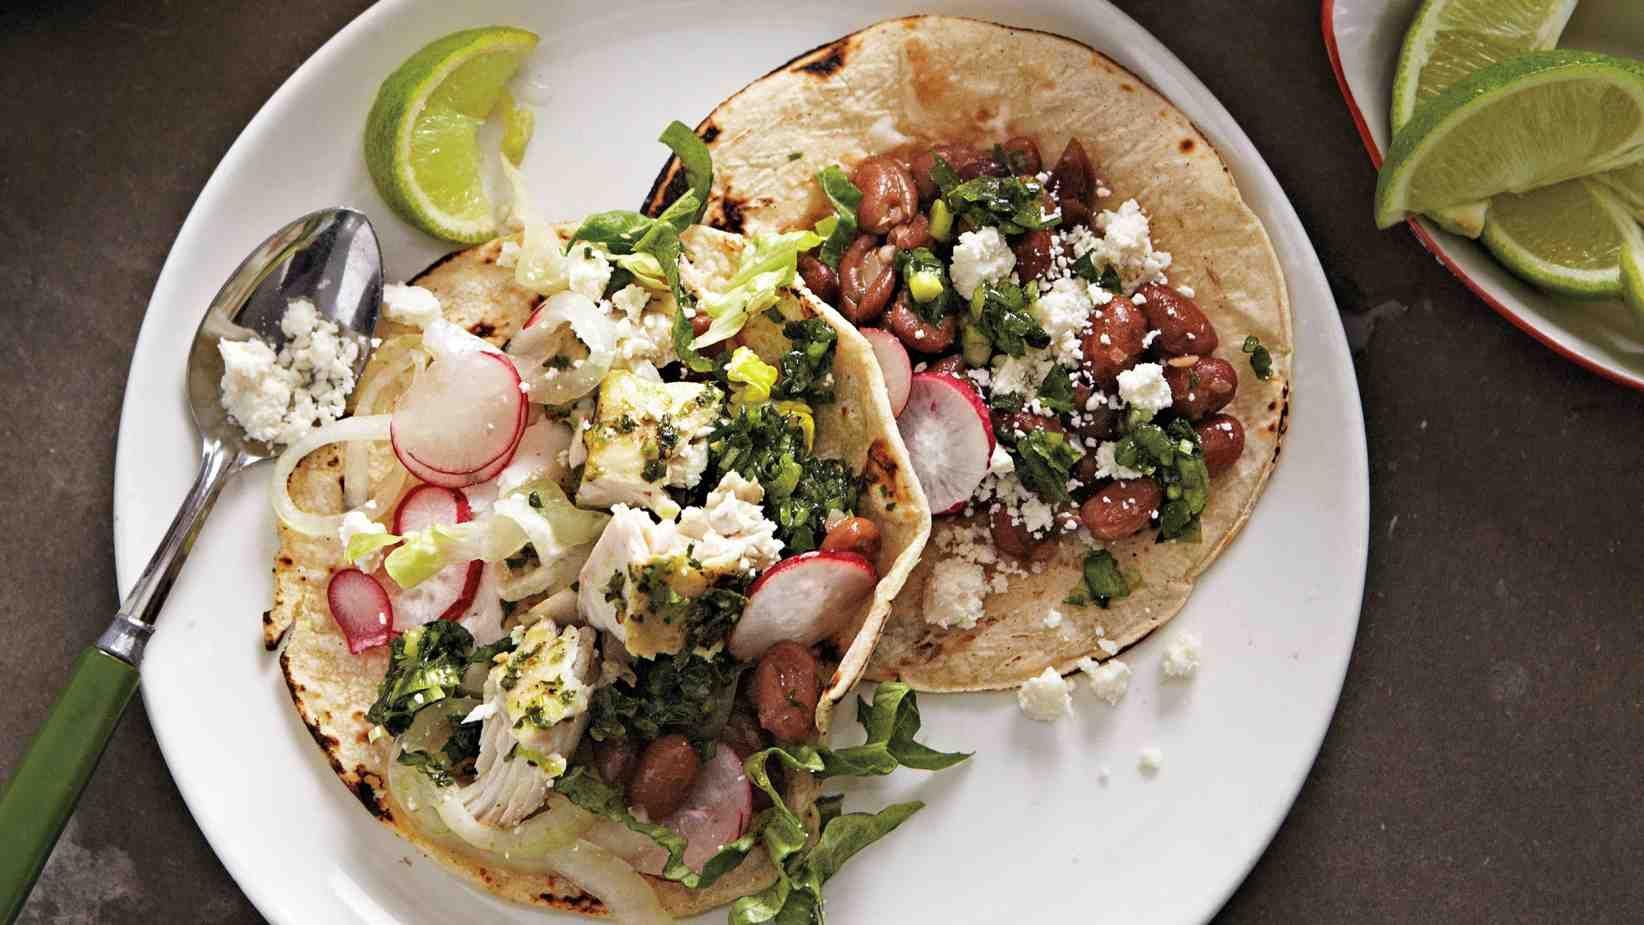 Martha stewart mexican food recipes Martha Stewart Recipes Diy Home Decor Crafts Fish Tacos Mexican Food Recipes Recipes